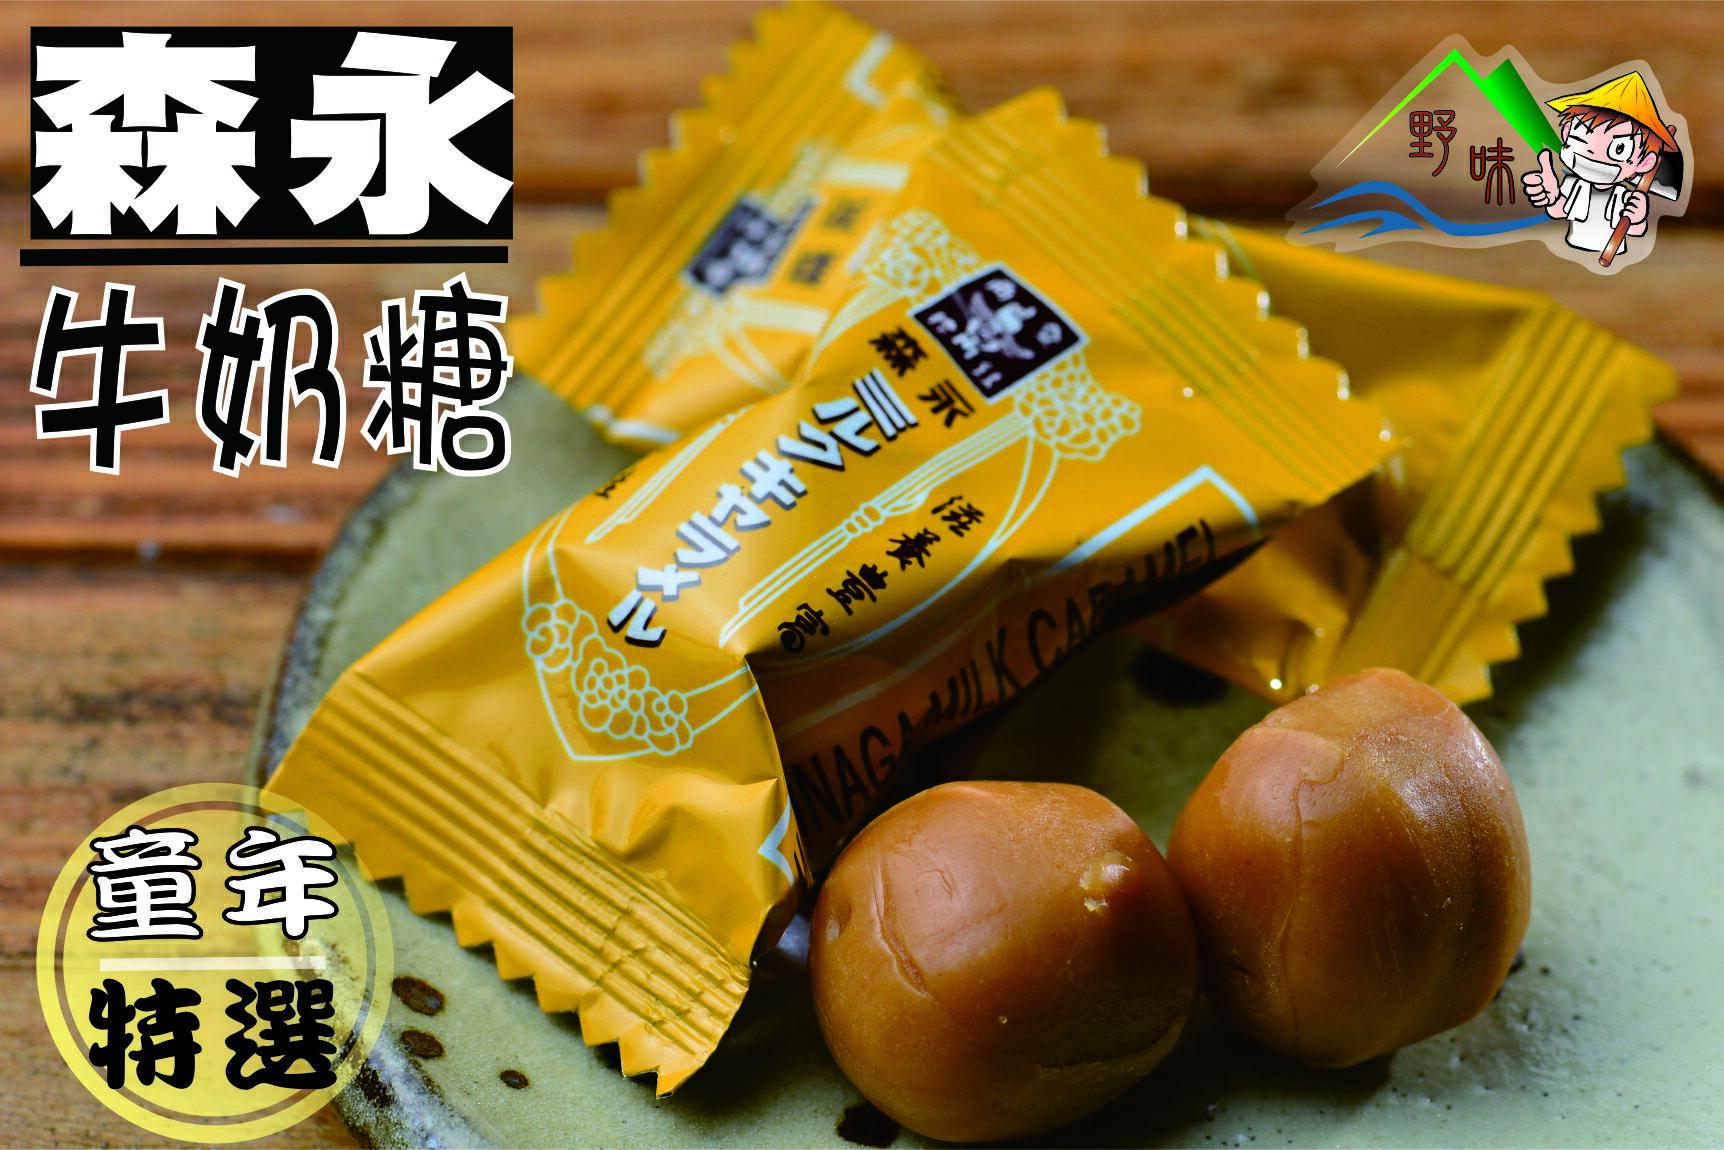 【野味食品】森永牛奶糖軟糖130g/包,300g/包,3000g/包